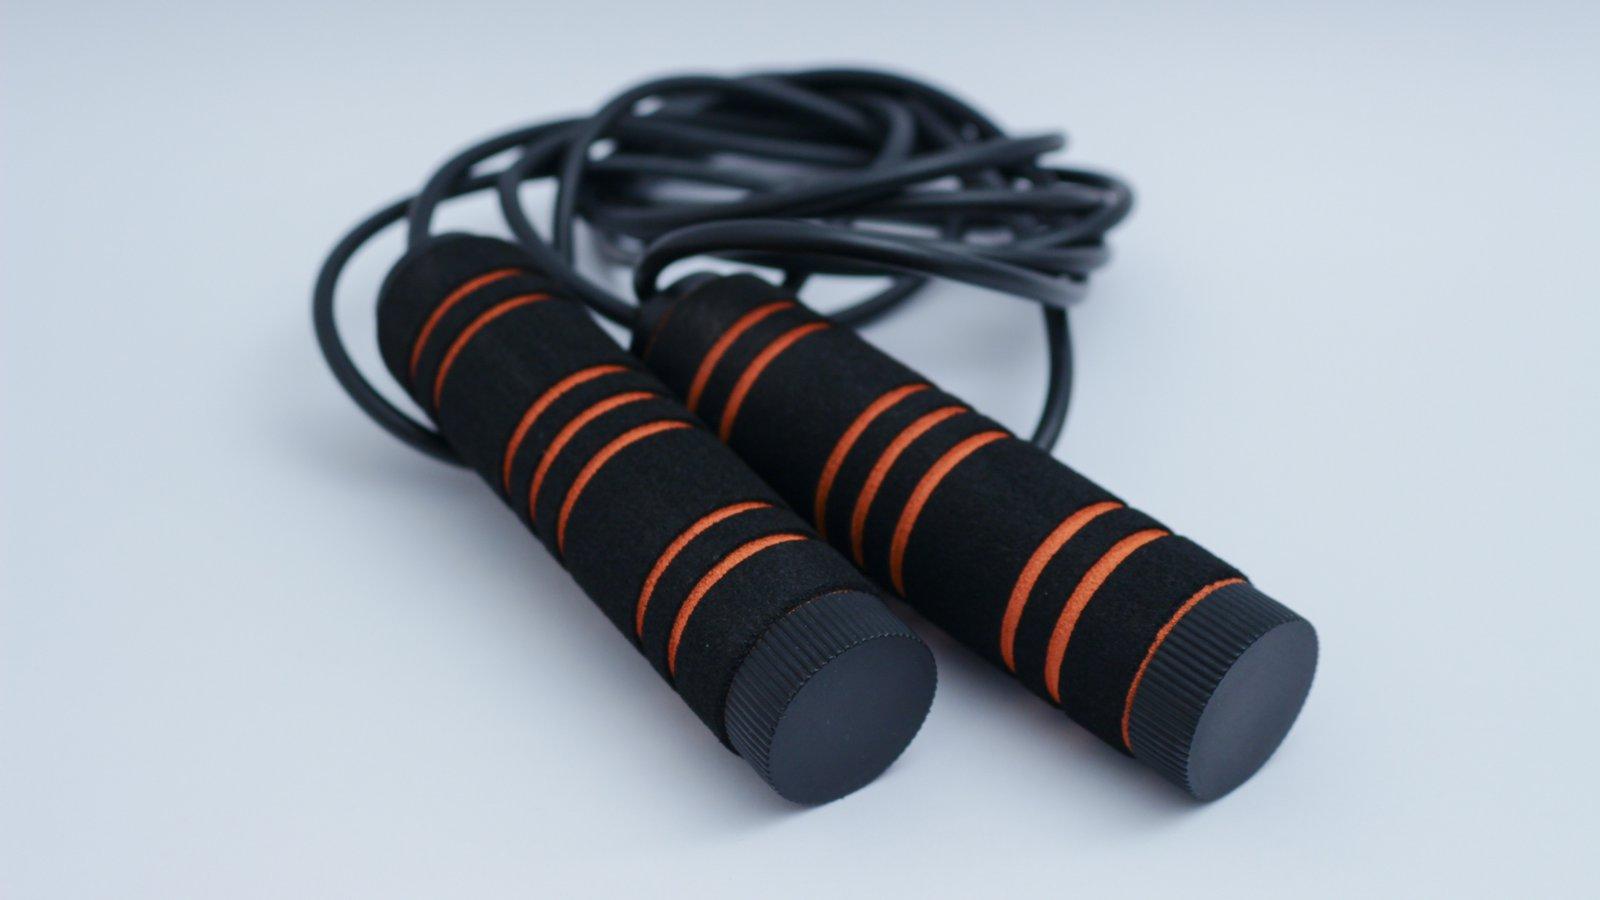 Basics Cylinder Jump Rope